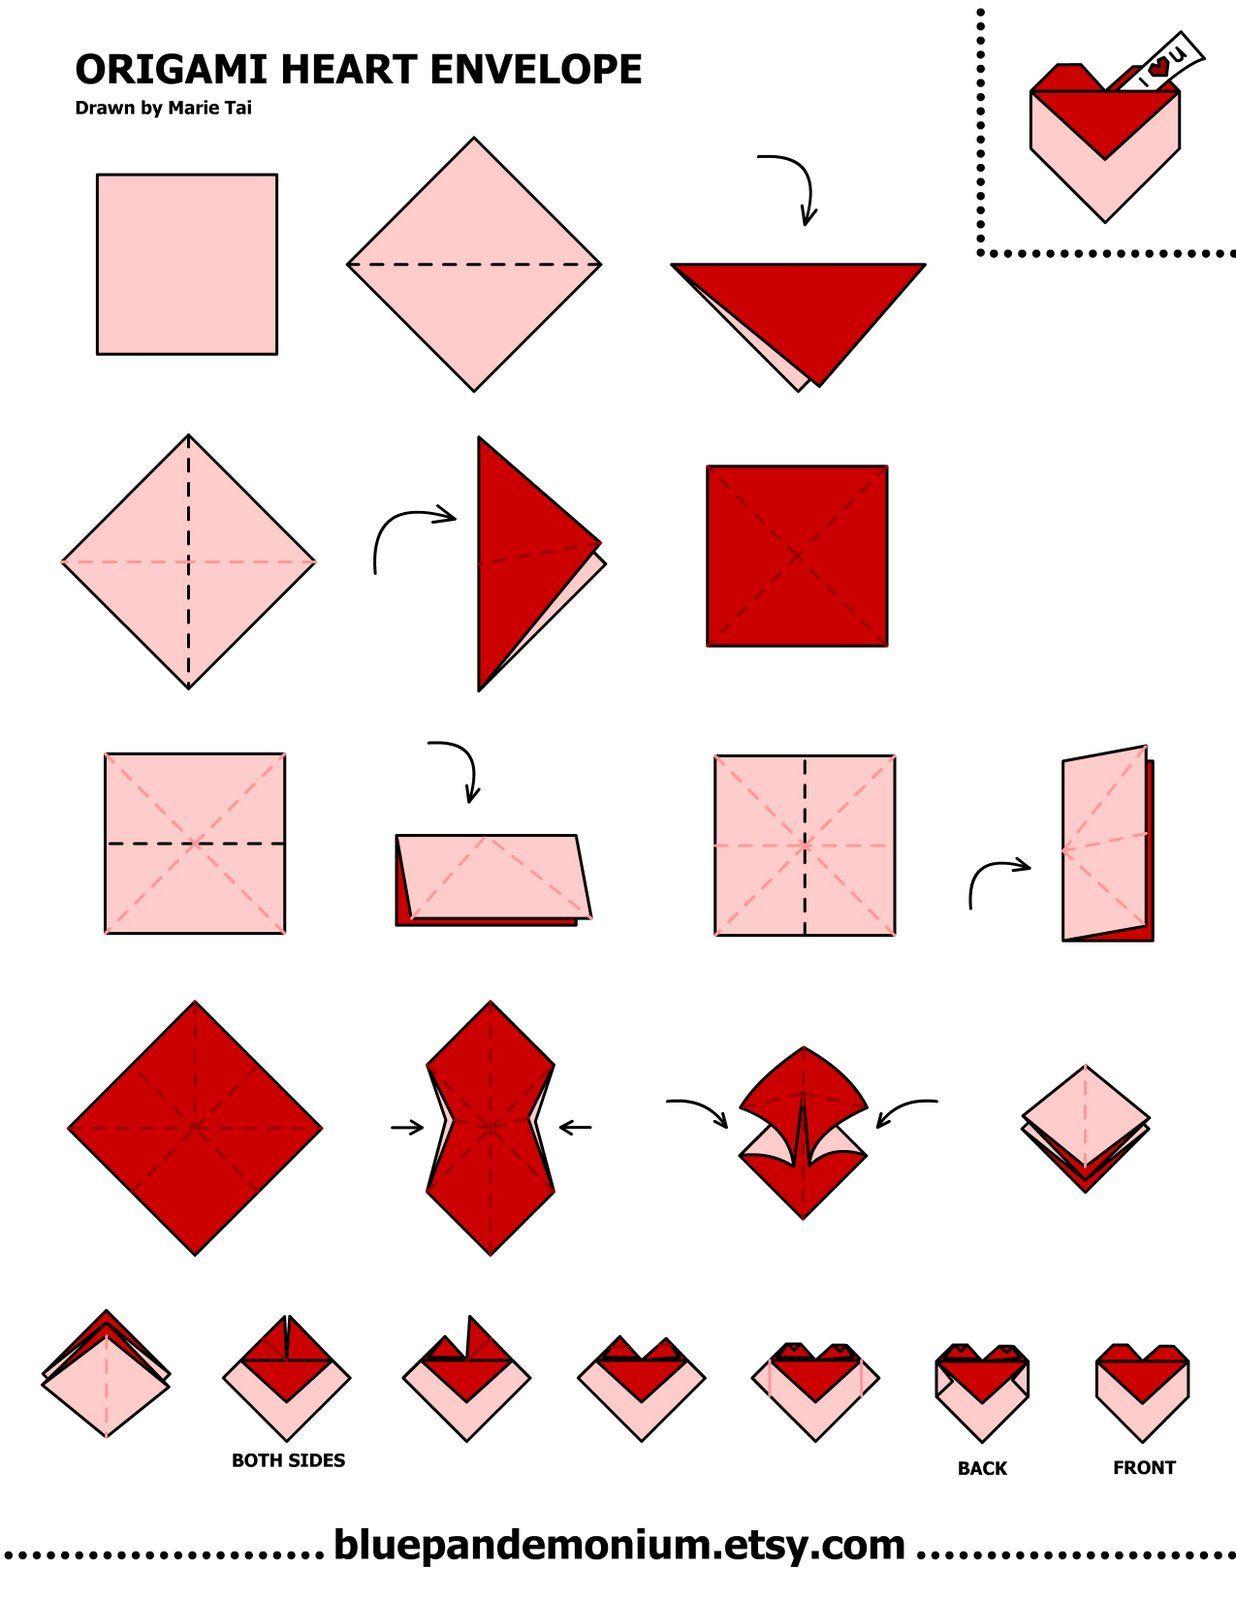 Origami Heart Envelope Tutorial Behind Mytutorlist Com Origami Envelope Origami Heart Origami Love